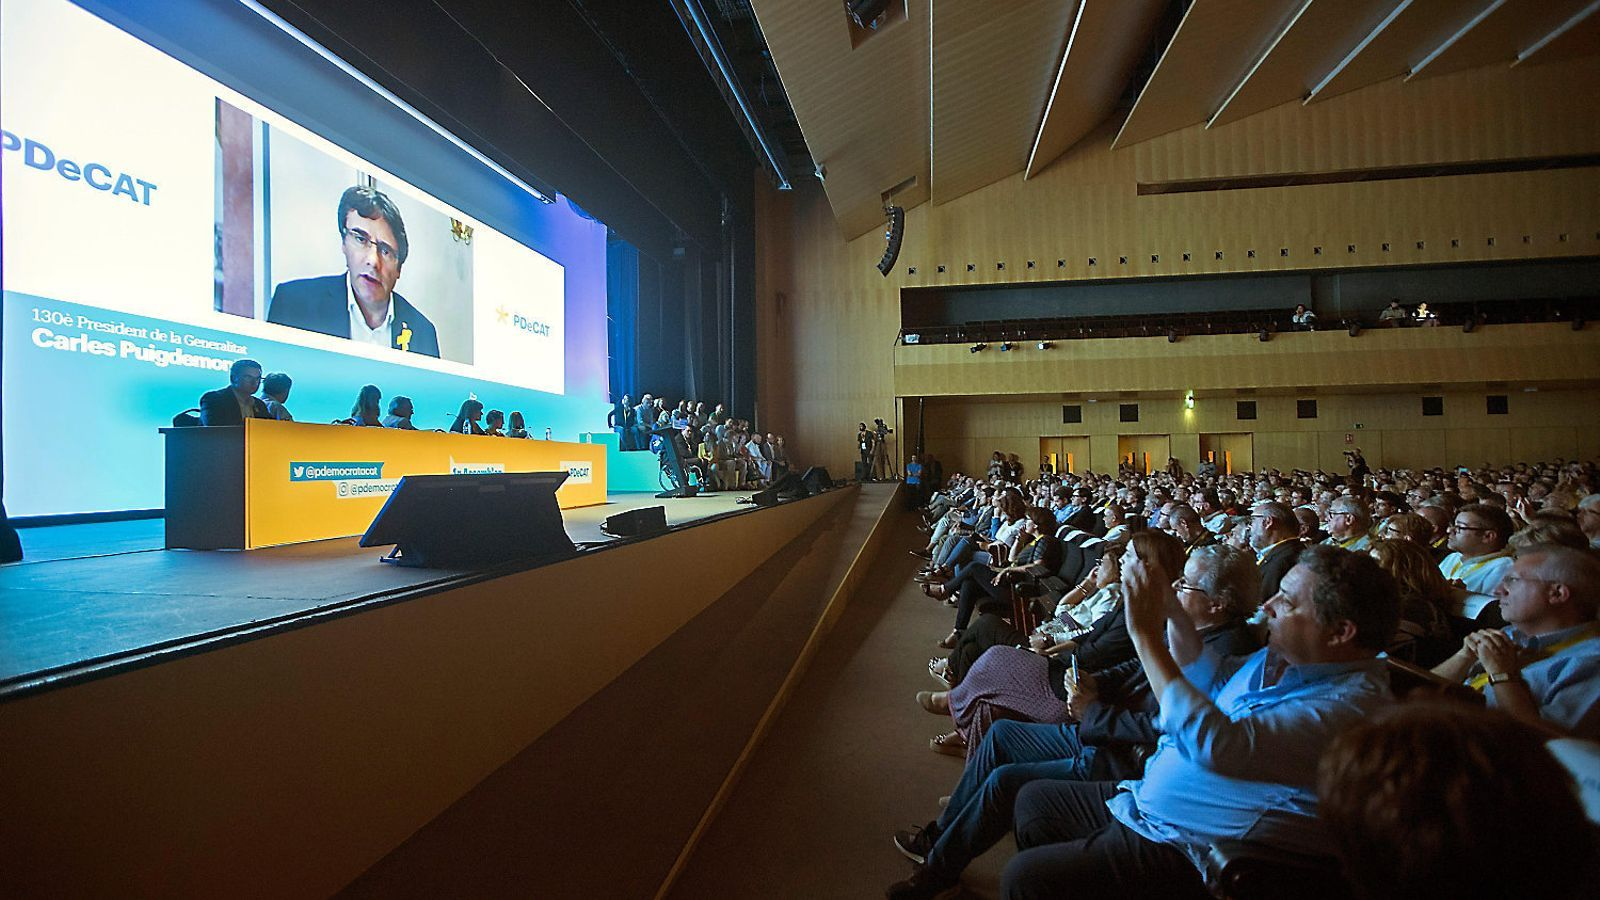 L'expresident Carles Puigdemont va intervenir en l'acte de cloenda de l'assemblea del PDECat.